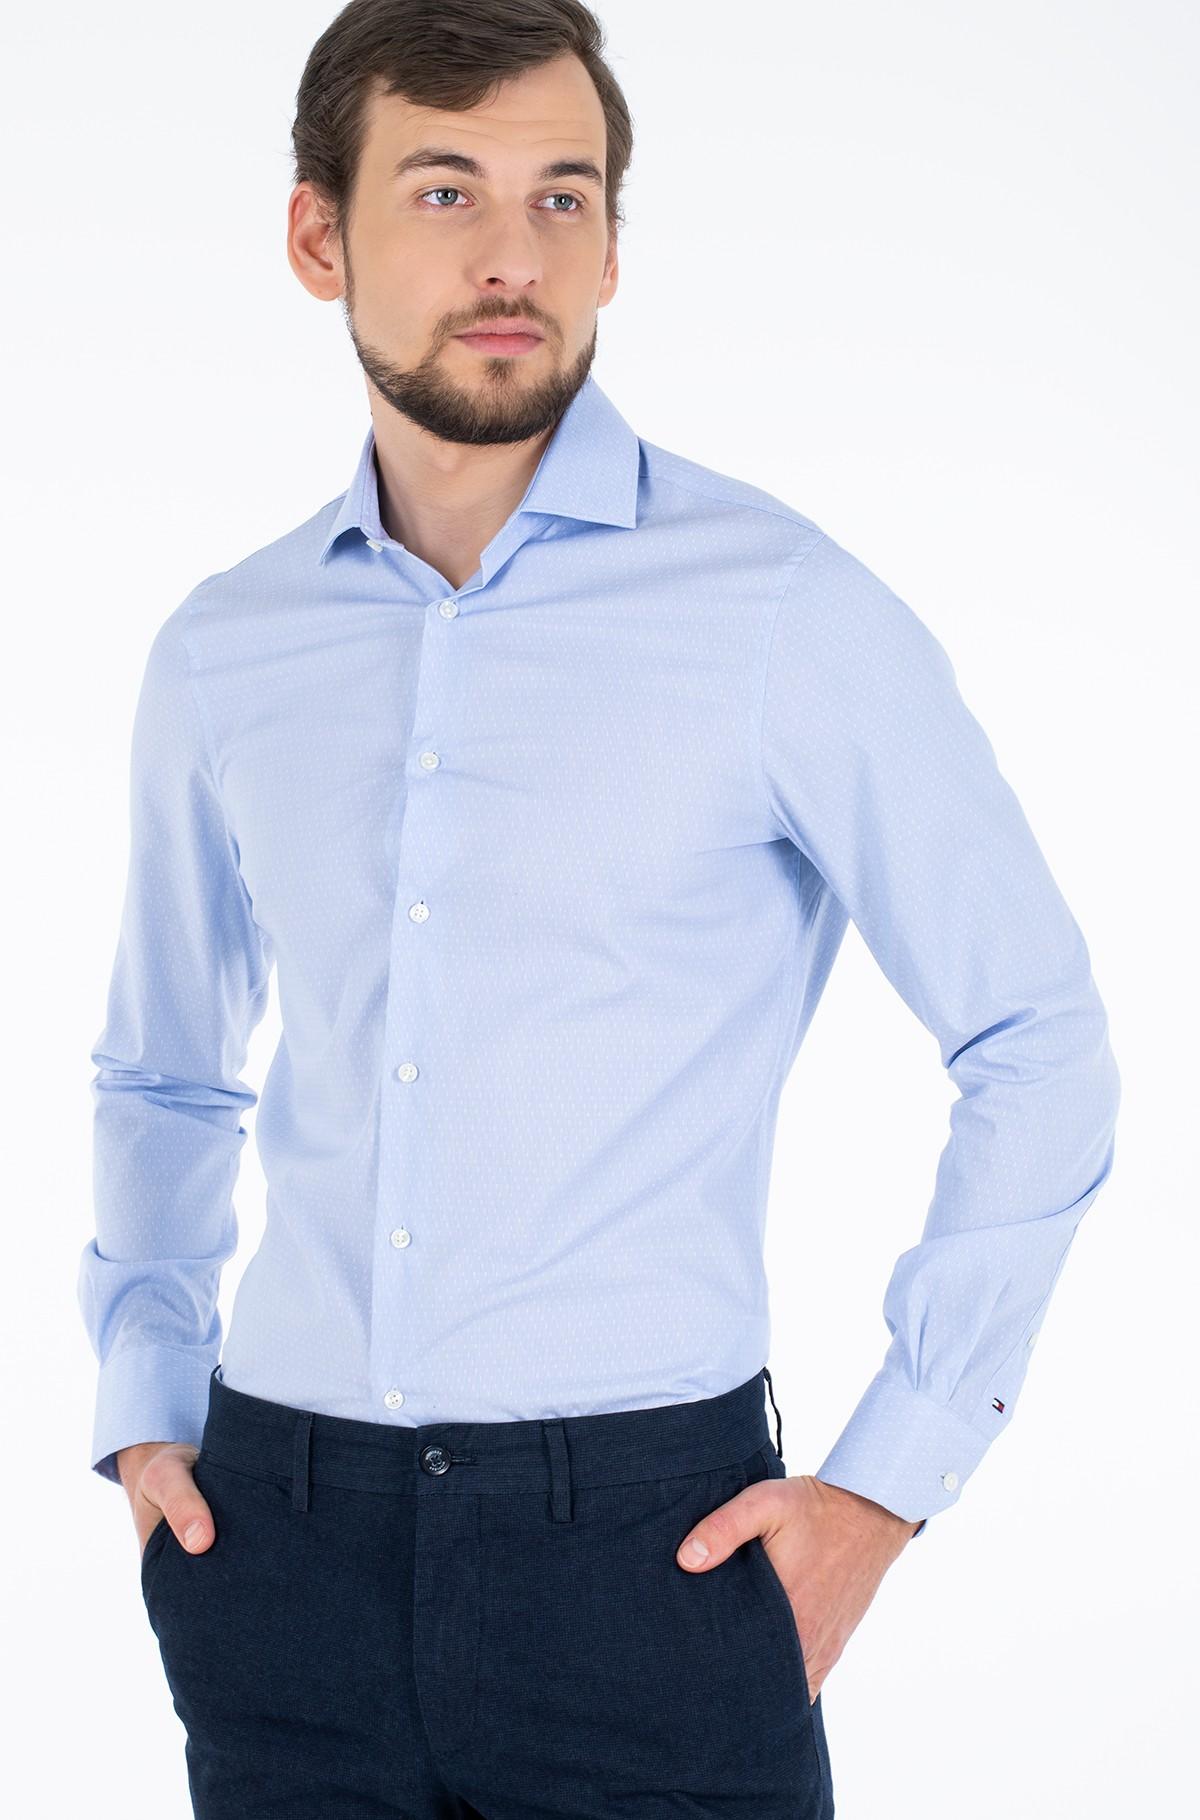 Marškiniai DOBBY FLEX COLLAR SLIM SHIRT-full-1